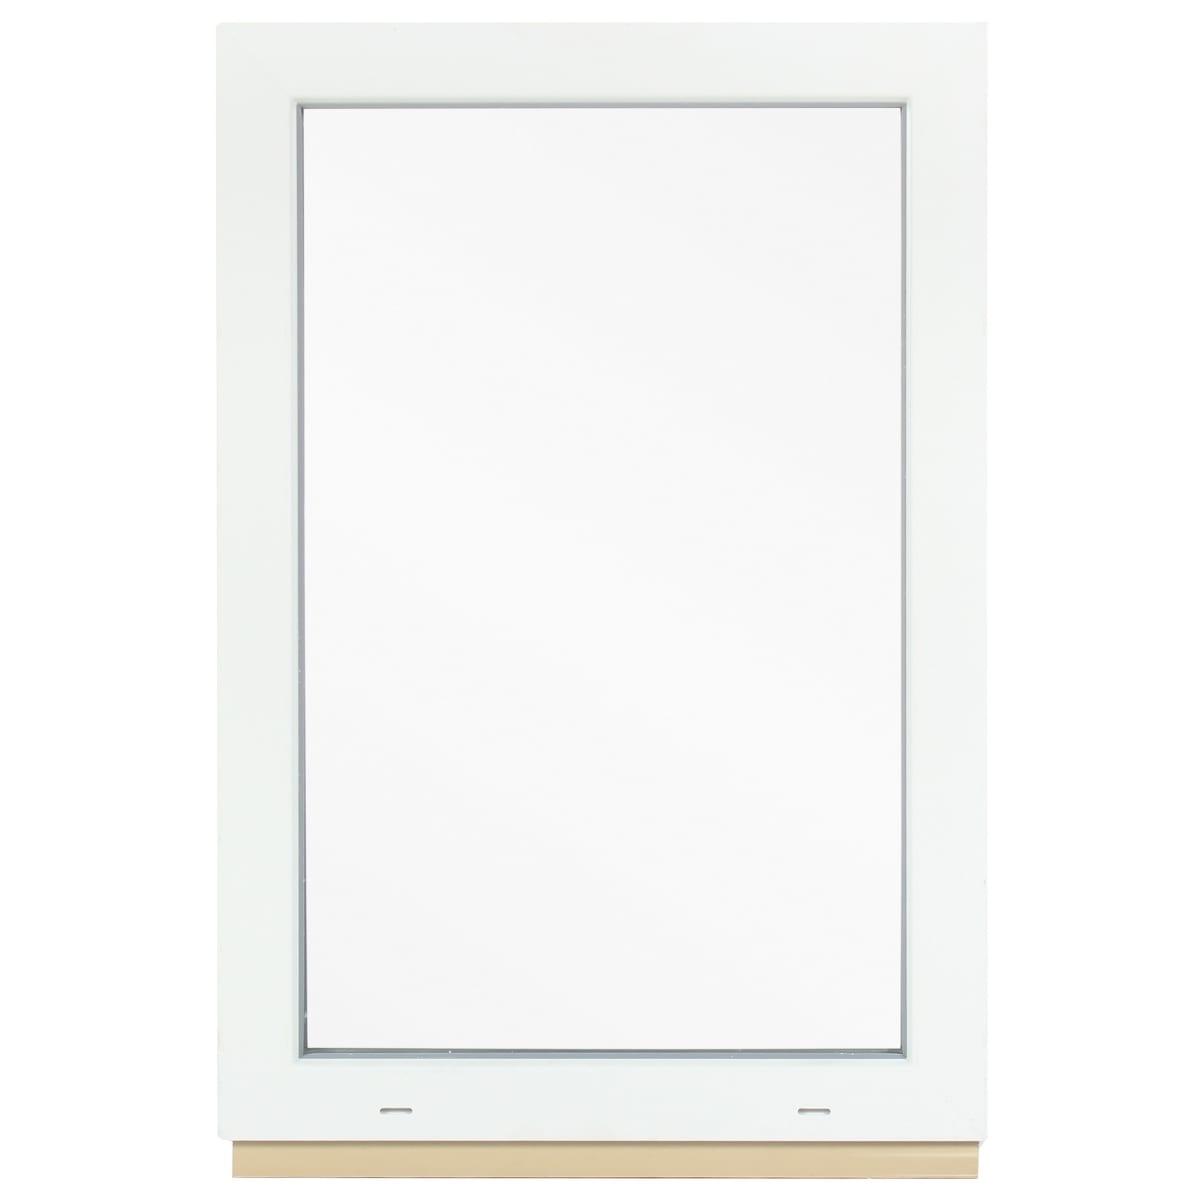 Окно ПВХ, 90x60 см, глухое